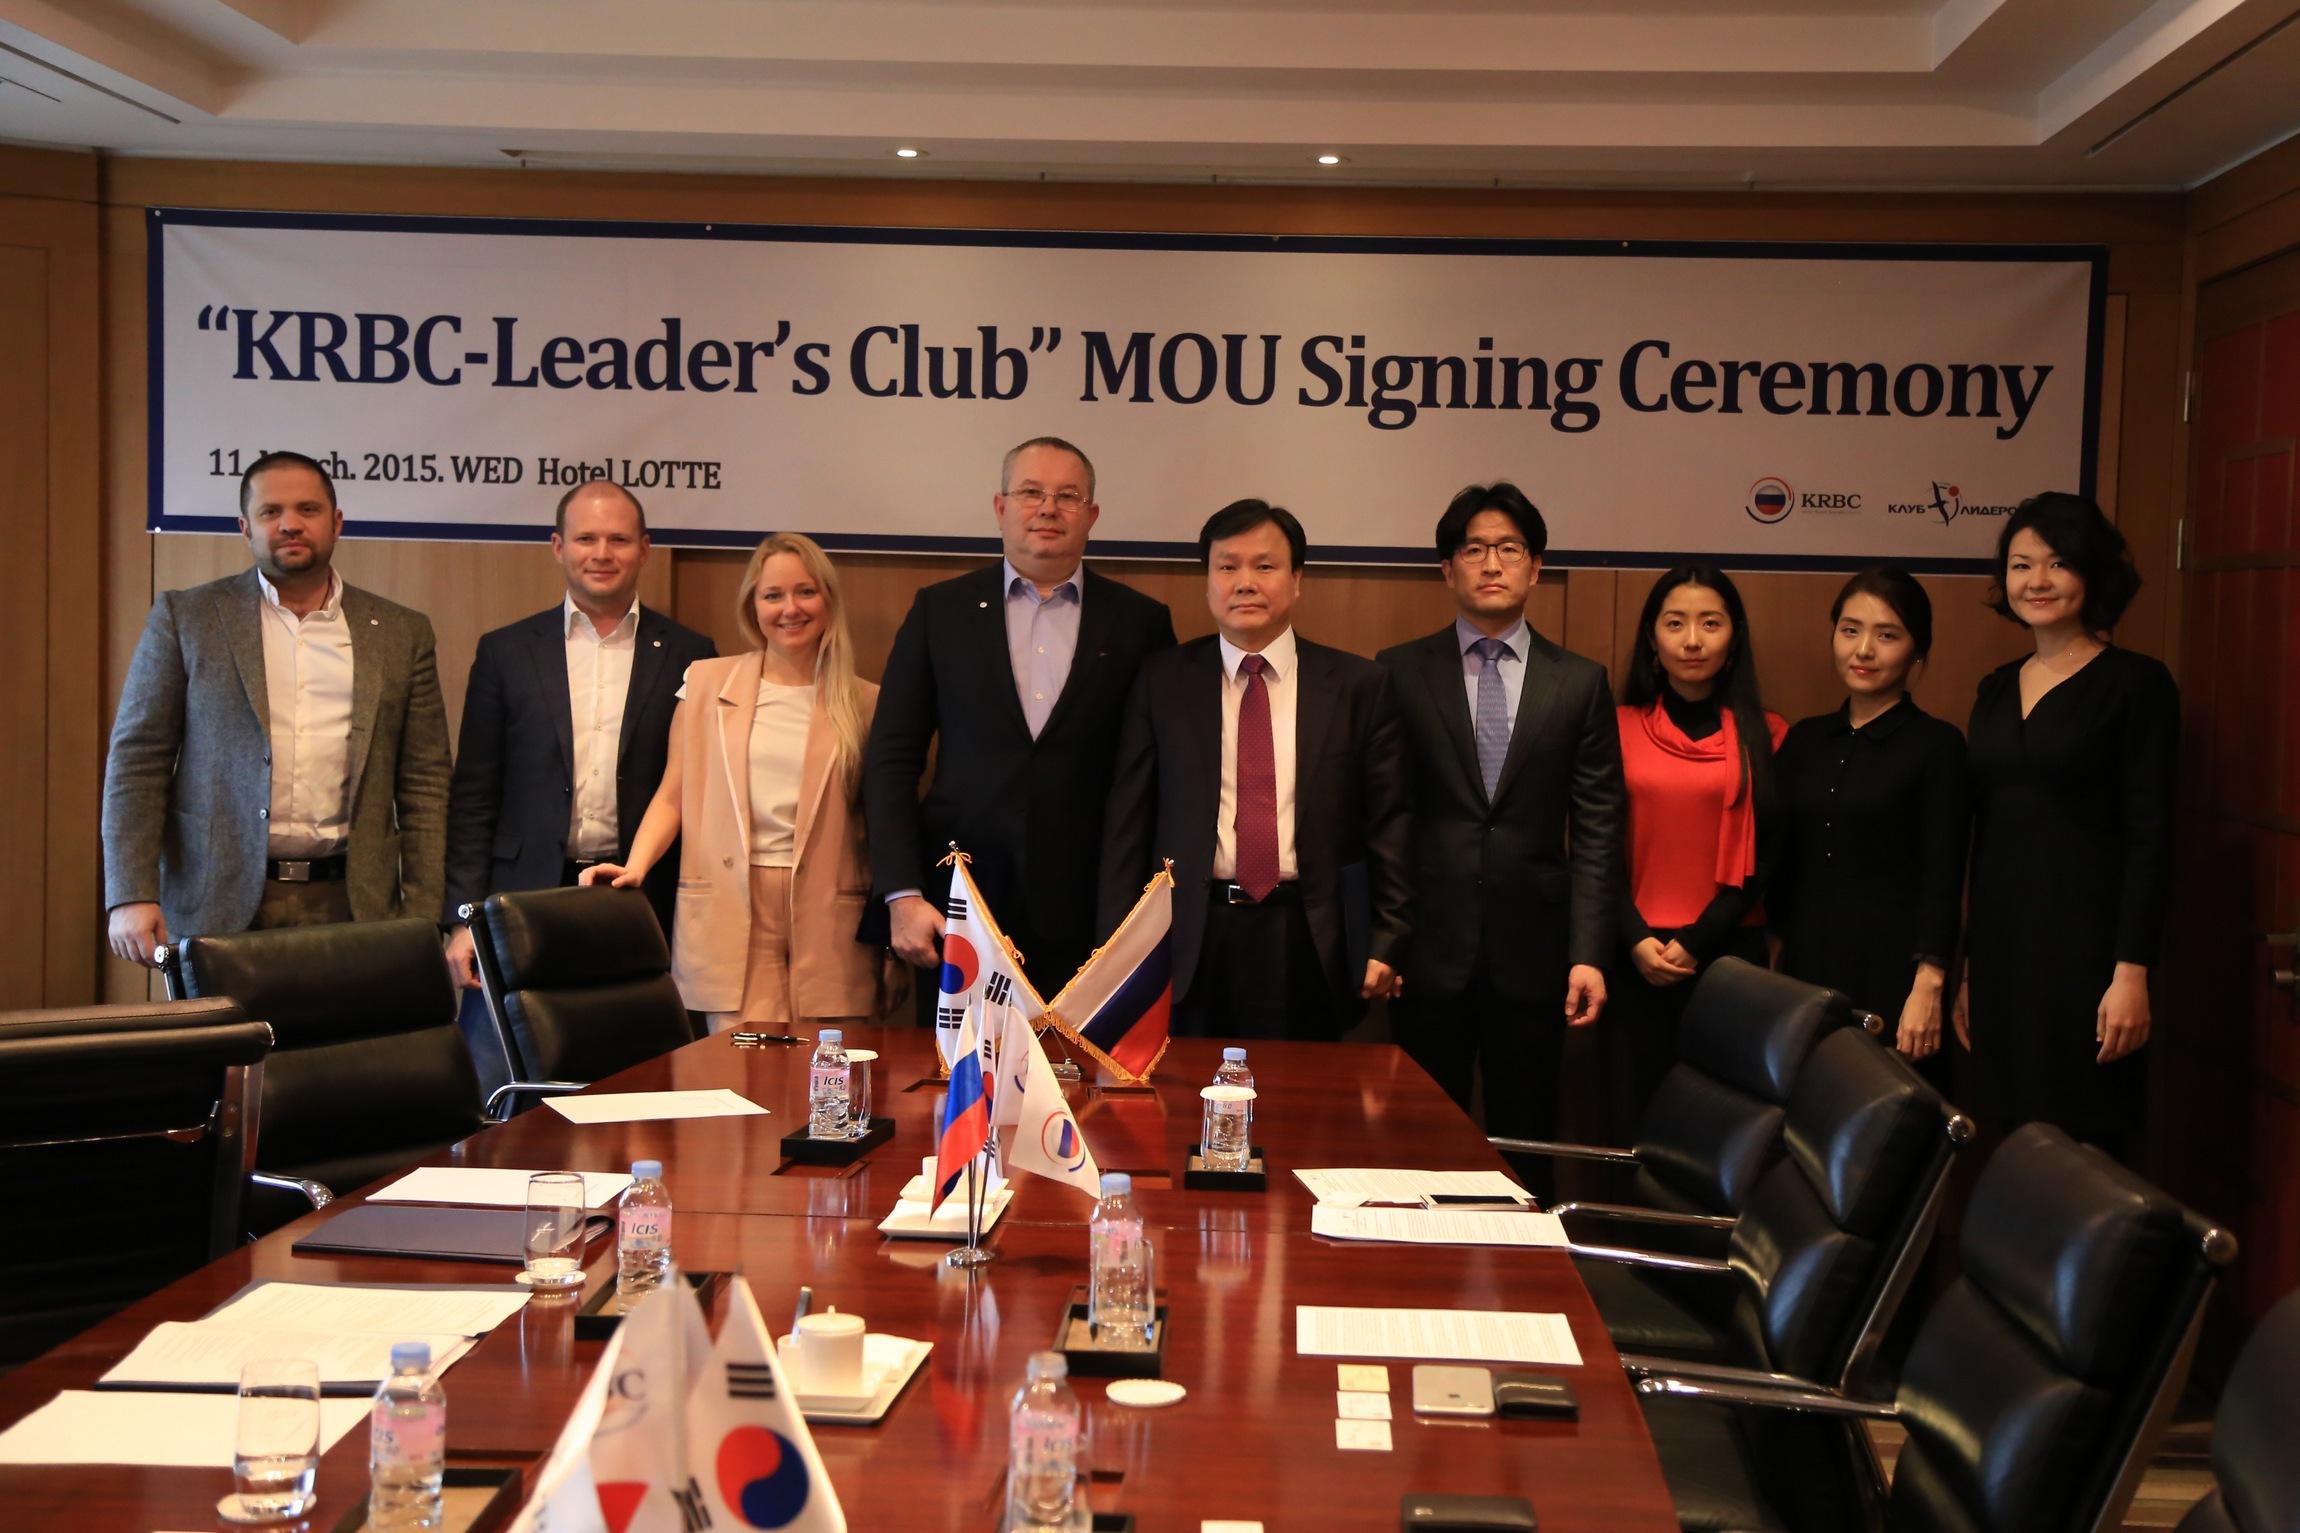 Новости клуба: Итоги делового визита Клуба лидеров в Южную Корею